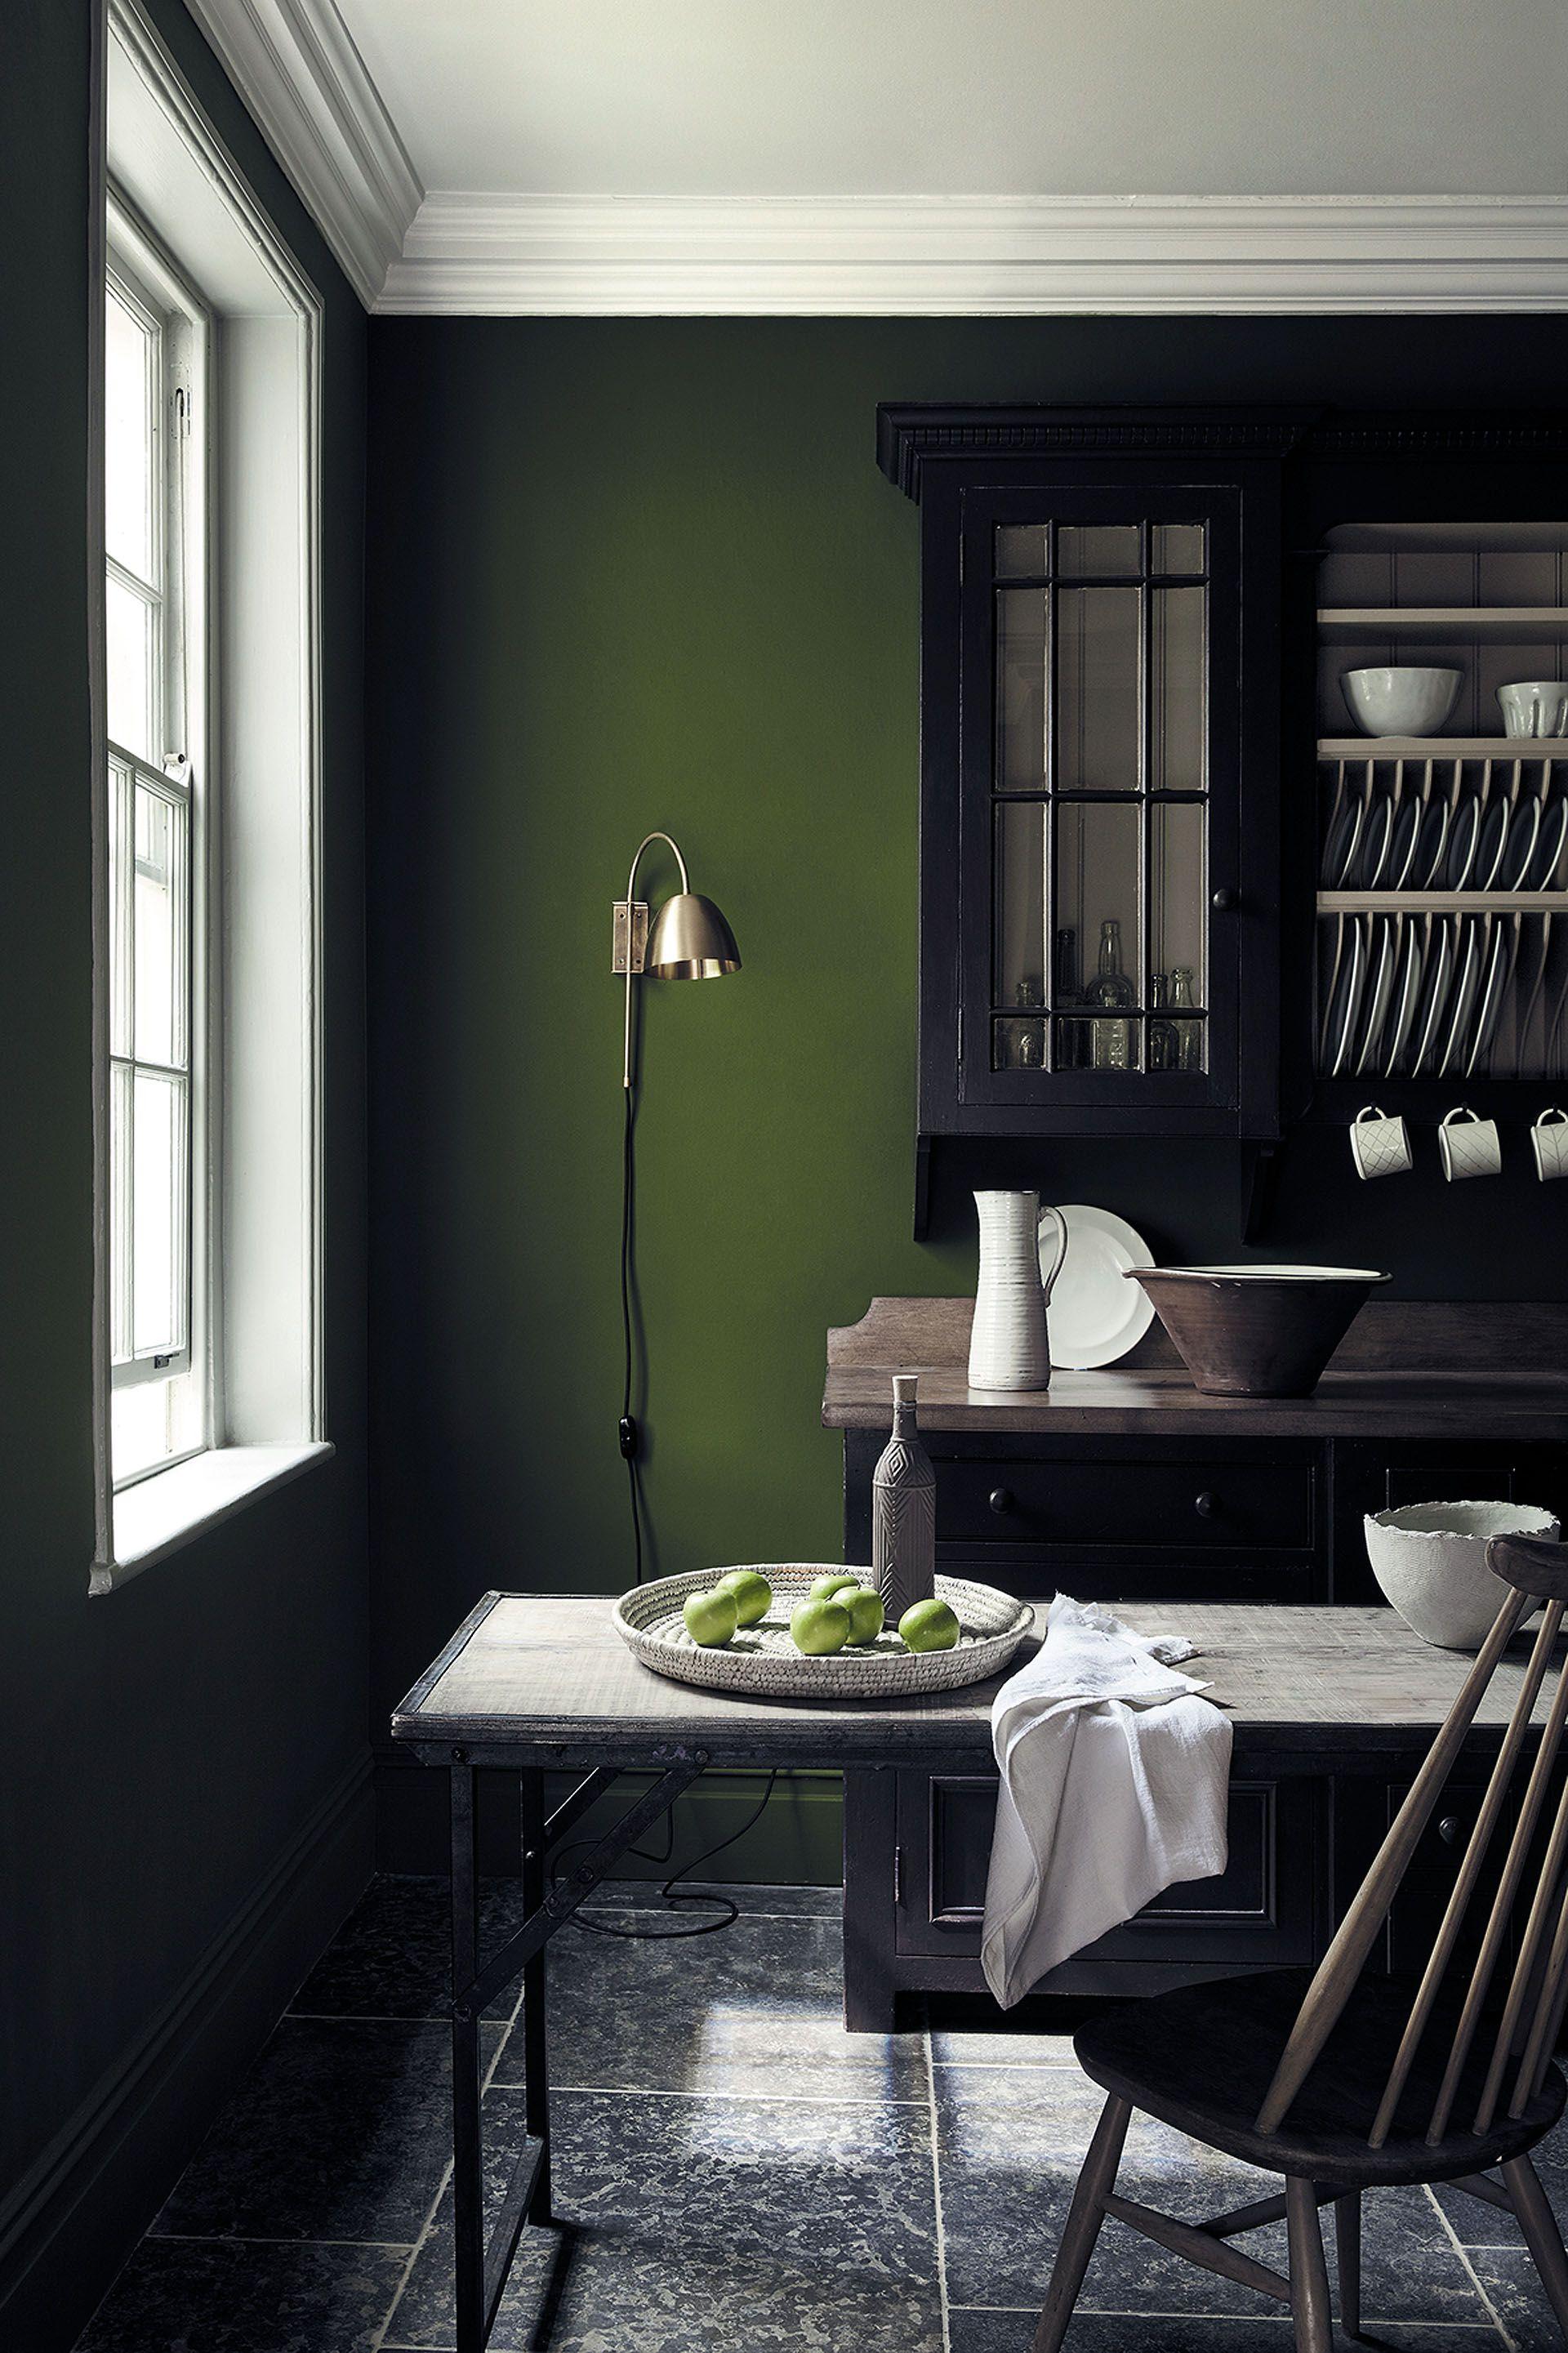 Nuancier De Peinture Verte Pour Une Decoration Tendance Peintures Vertes Nuancier Peinture Couleurs Maison